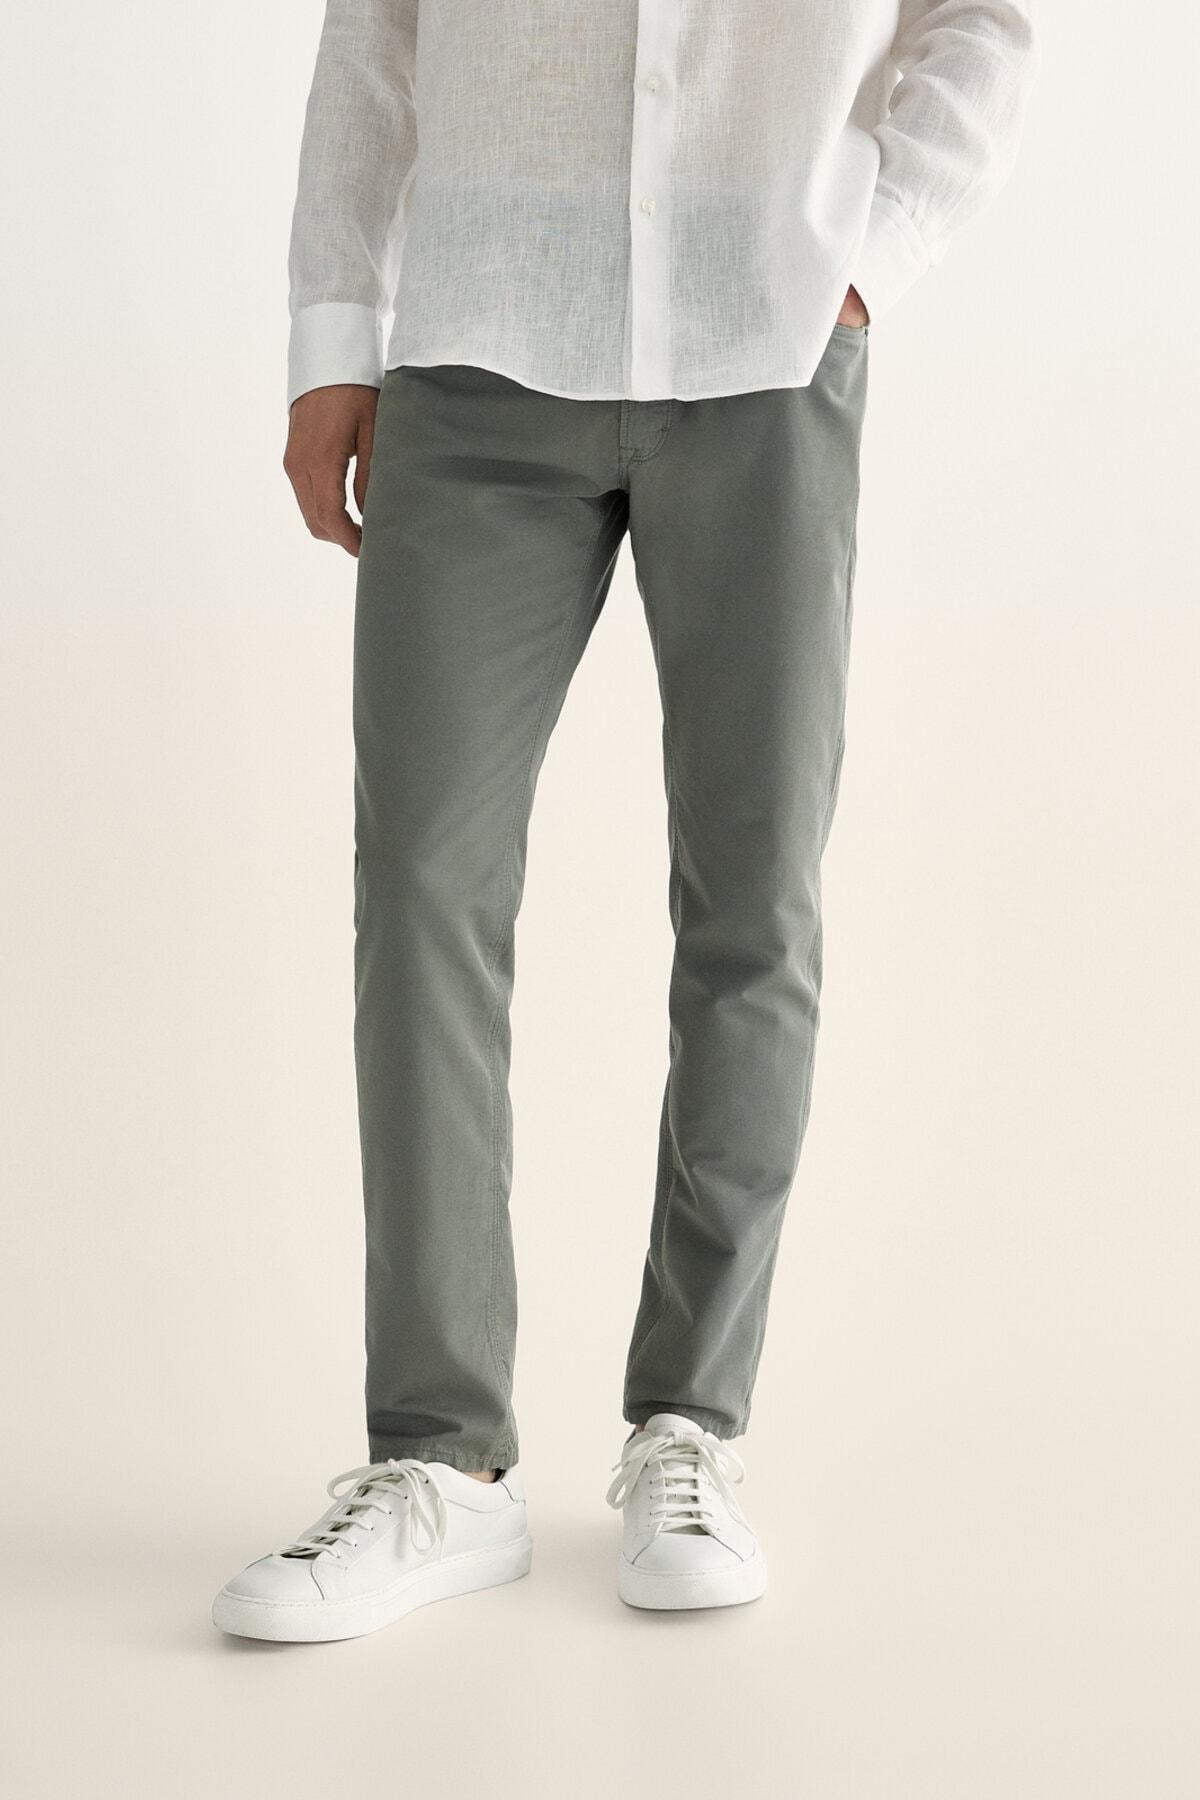 Massimo Dutti Erkek Pamuklu Keten Casual Fit Denim Görünümlü Pantolon 00042052